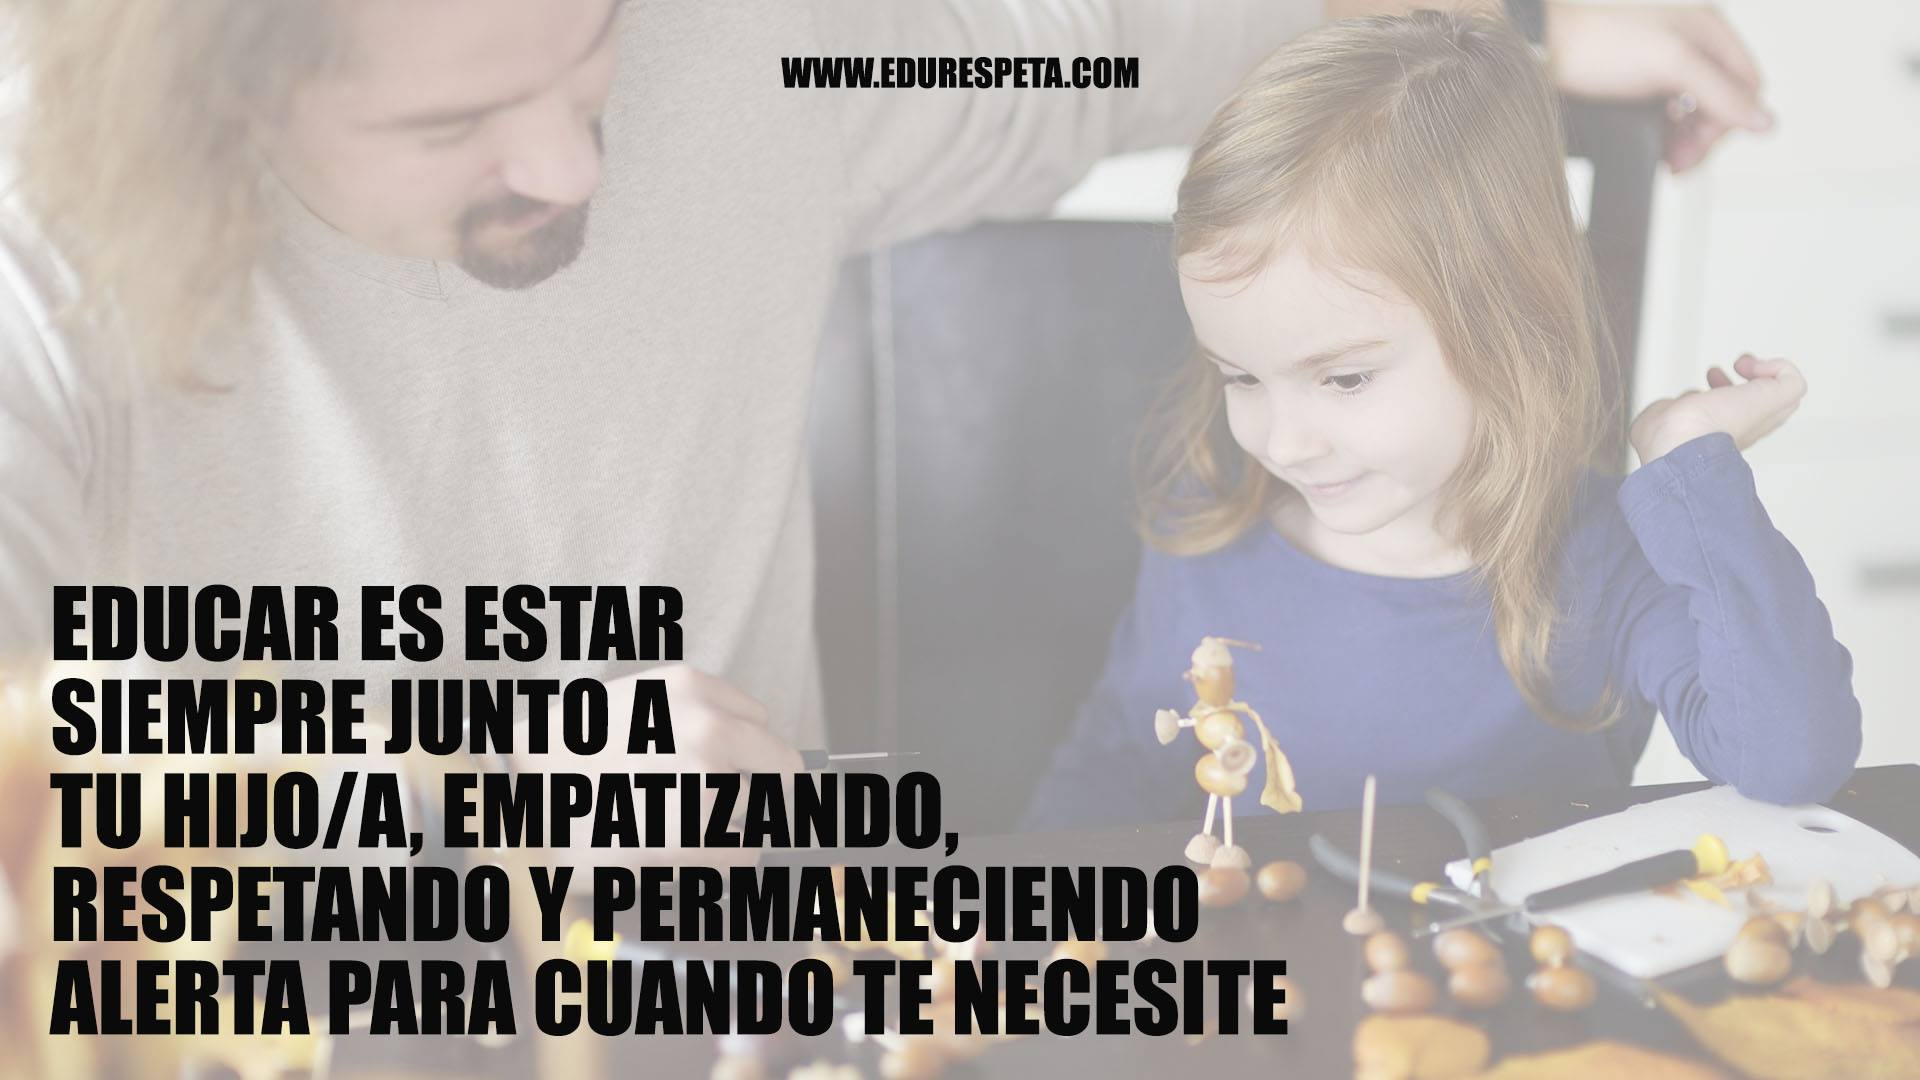 Educar es estar siempre junto a tu hijo/a, empatizando